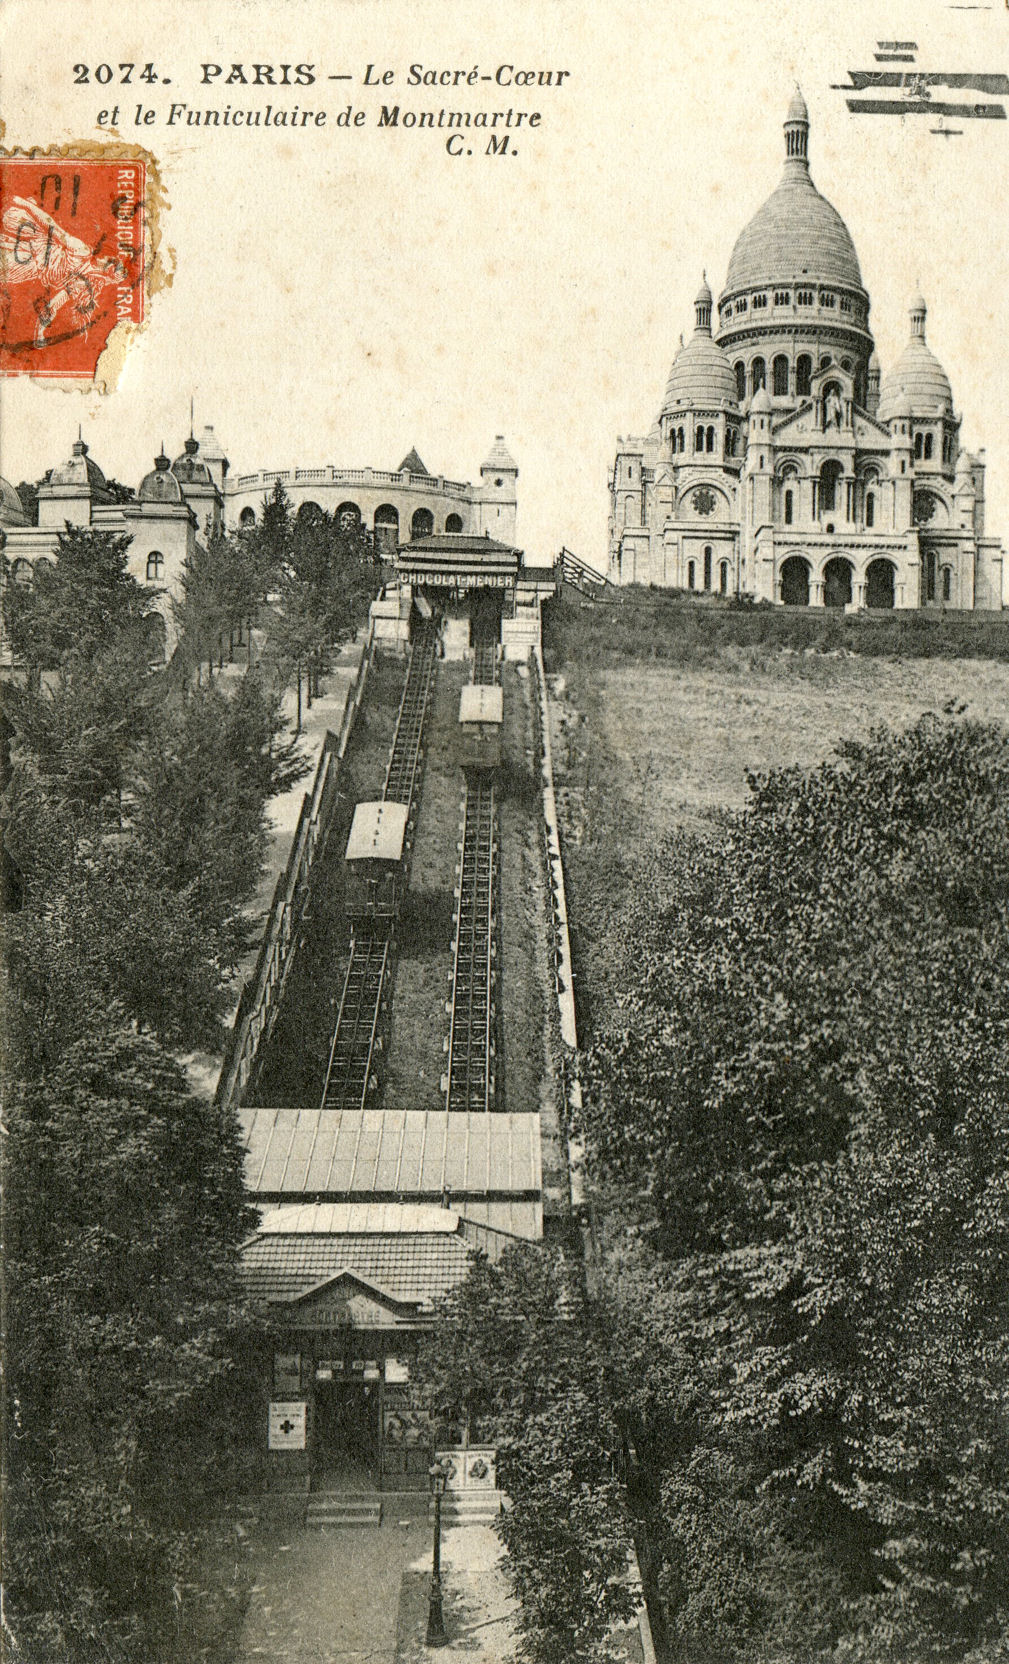 Histoire De Paris Une Ville Culturelle Intense Musee D Orsay